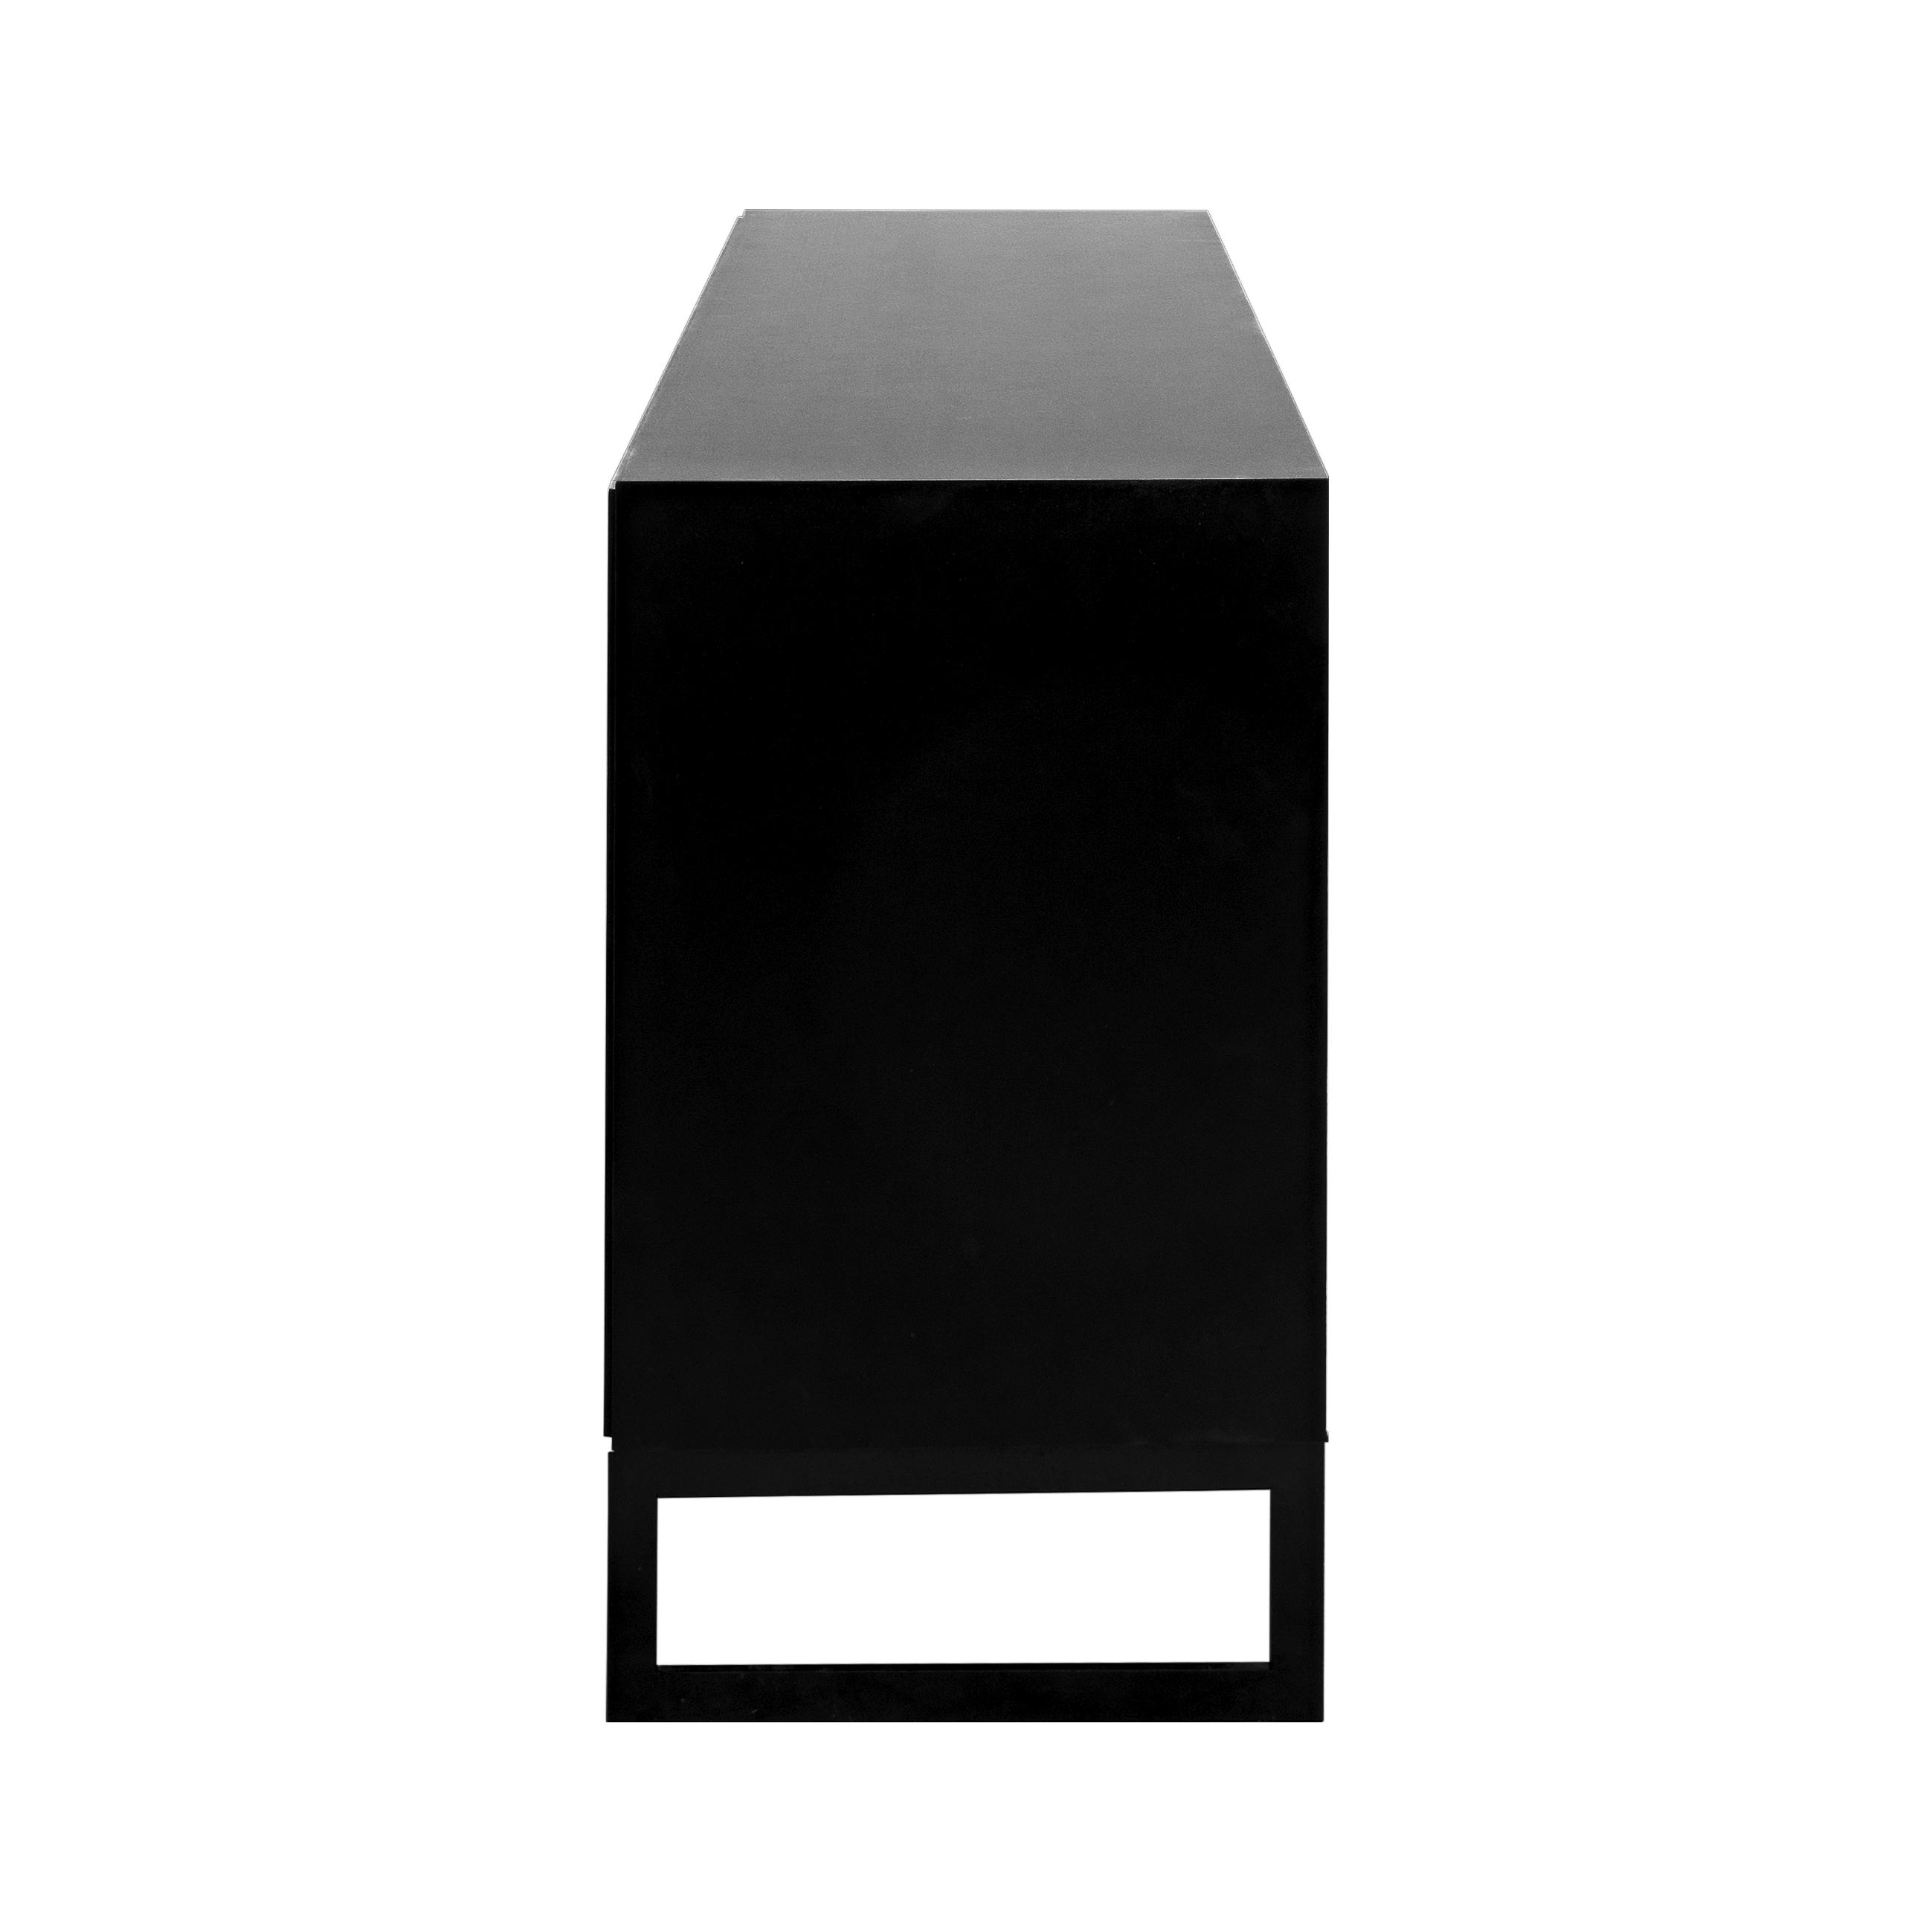 Line Skänk 3 dörrar Black med benställning snett från sidan - englesson.se